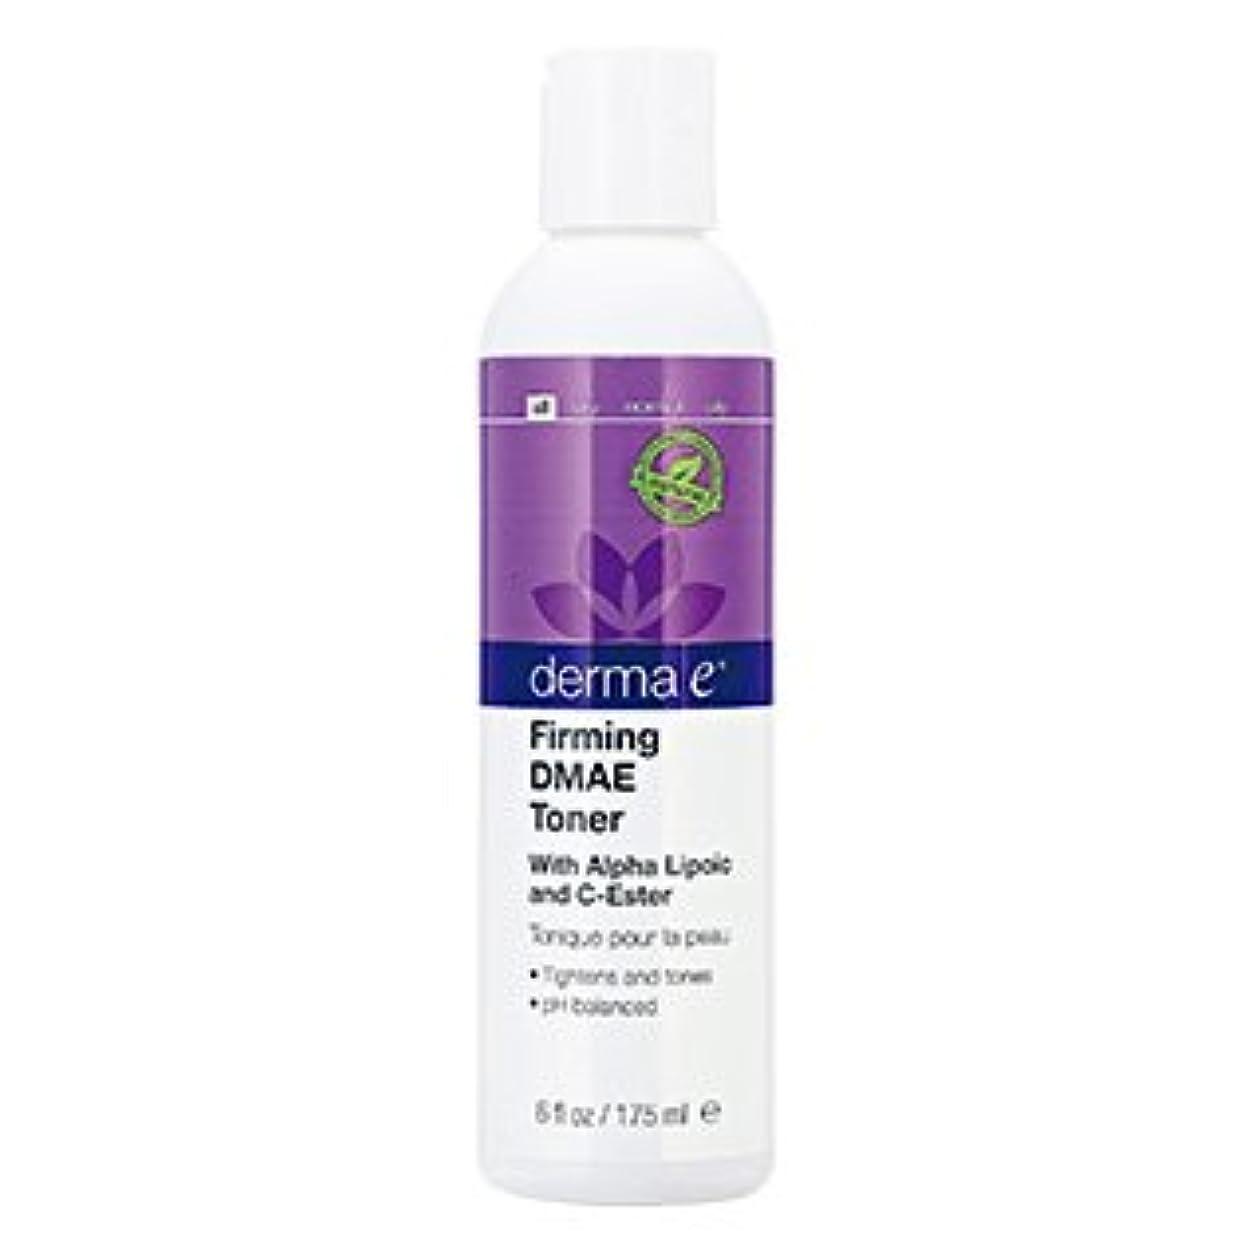 ダーマE(Derma E) DMAE アルファリポ酸 Cエスター ファーミングフェイシャルトナー 175ml [海外直送][並行輸入品]